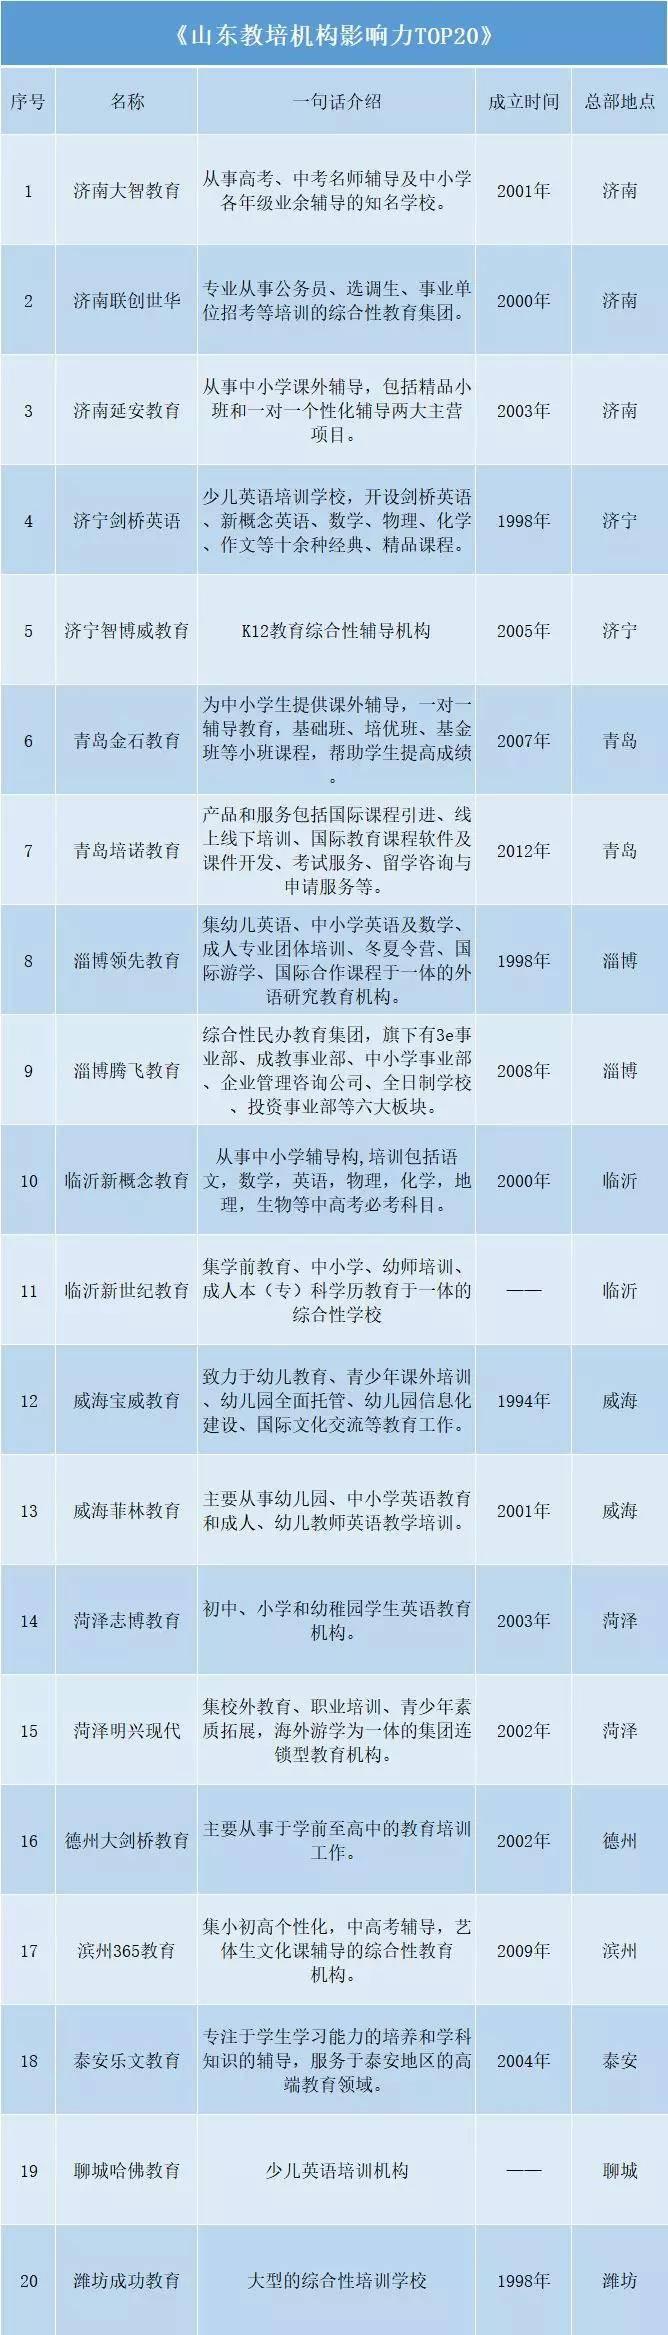 山东教培机构影响力TOP20